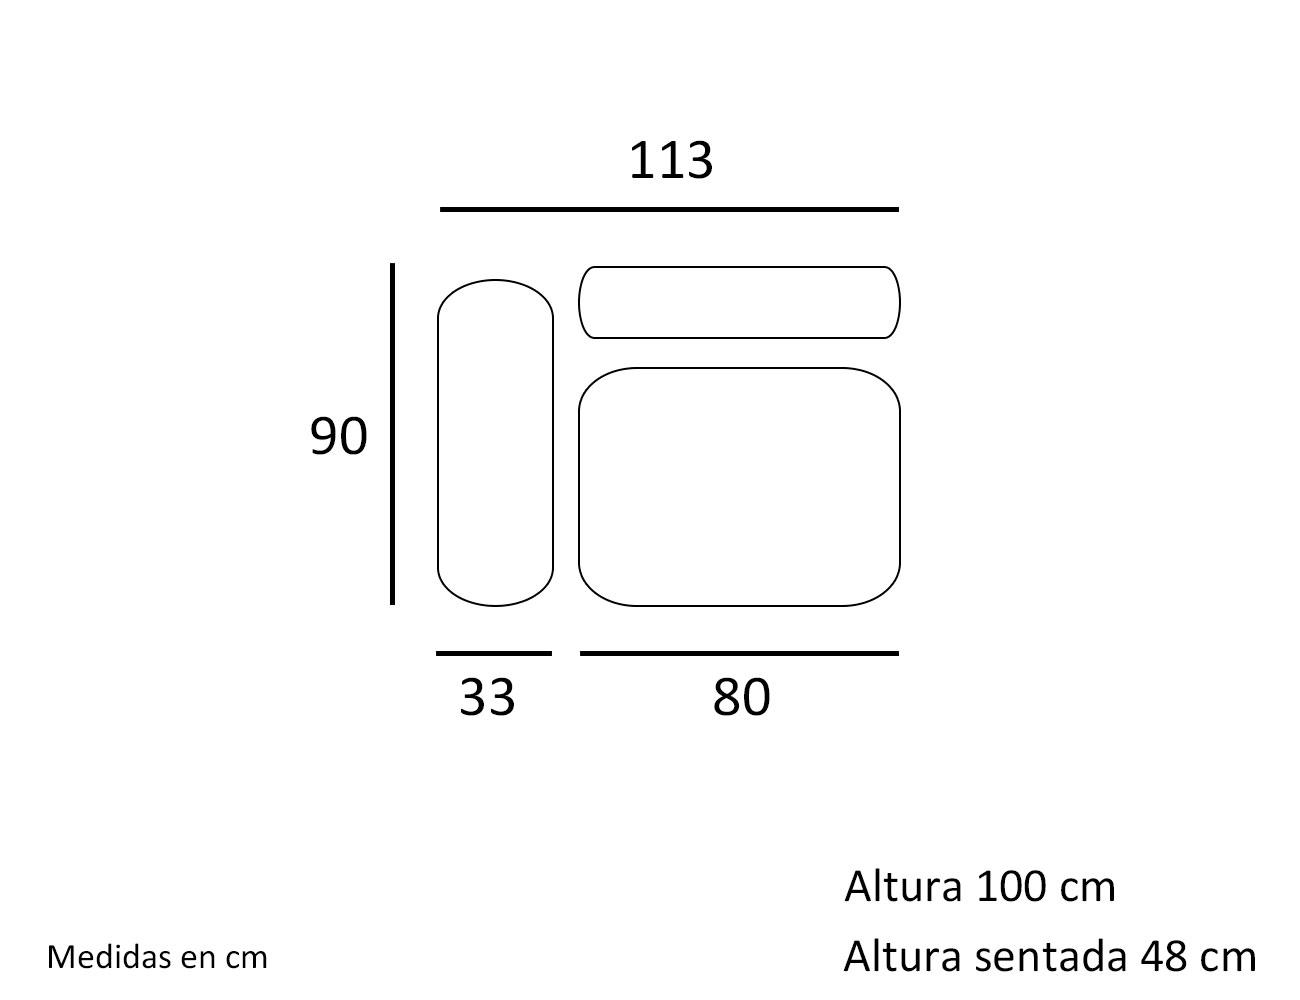 Croquis modulo 1 plaza con 1 brazo 1132